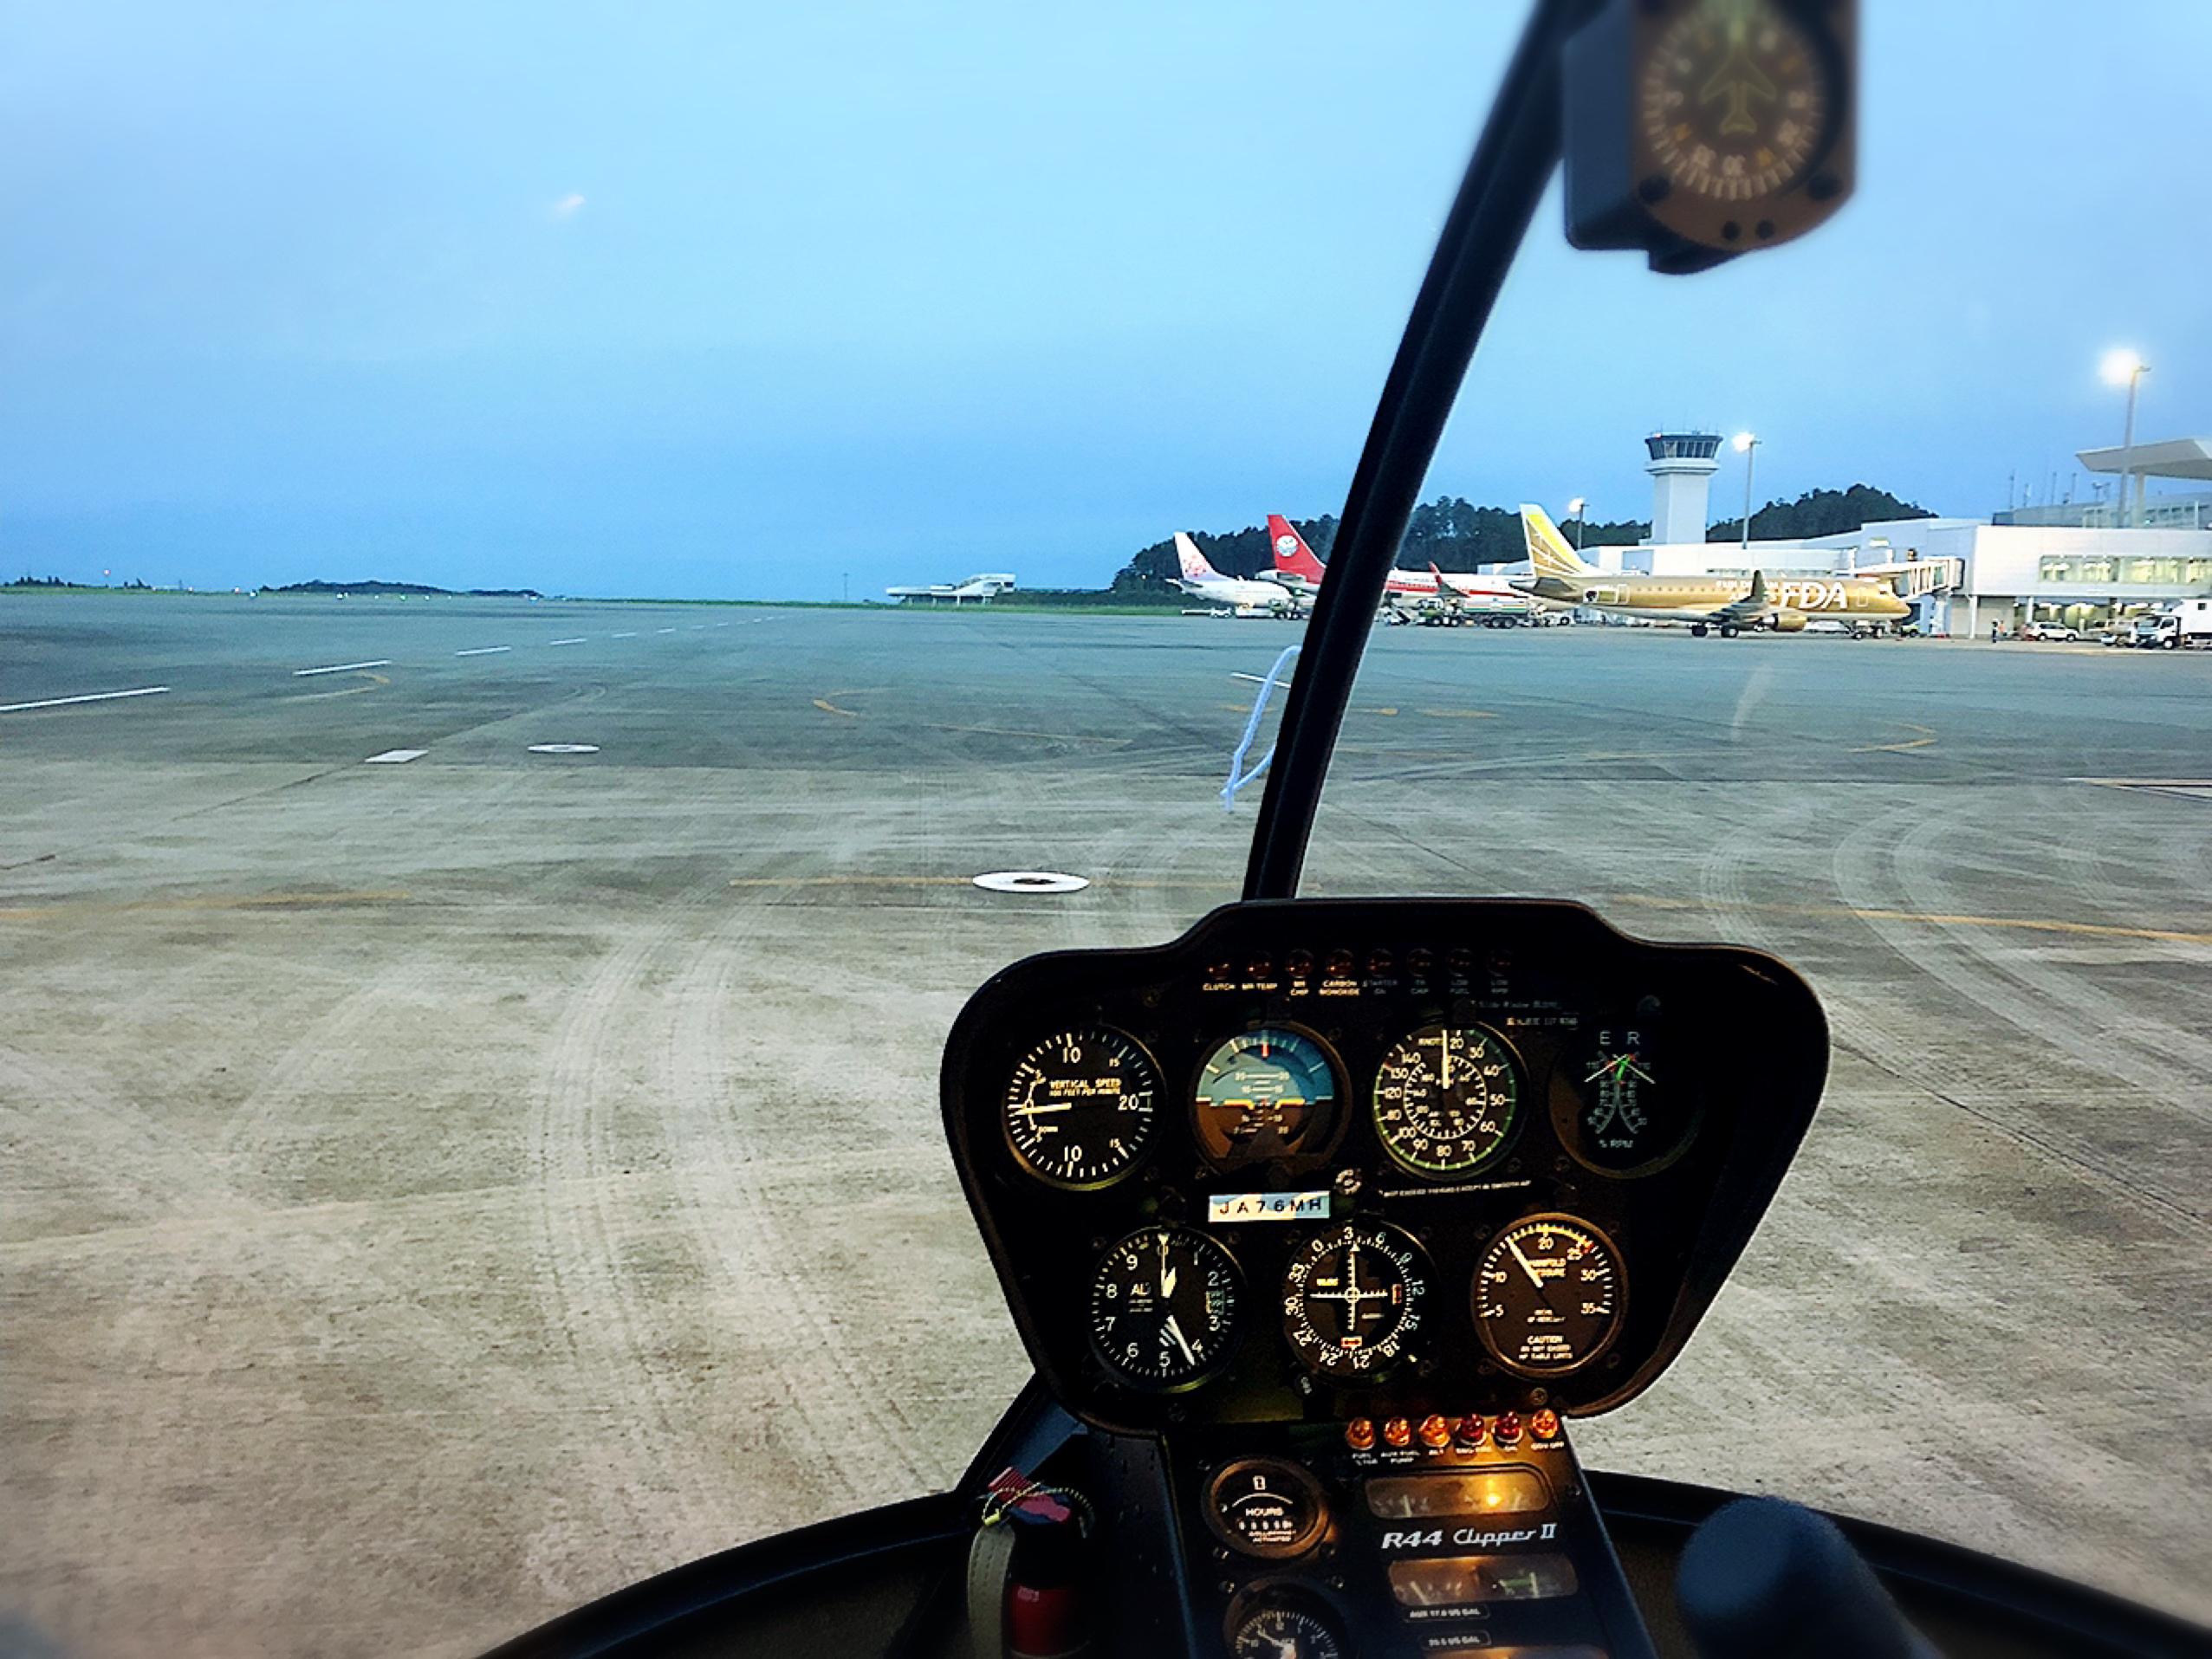 【静岡】NEW! 8月よりスタート◡̈✧。ヘリコプターでの遊覧飛行!上空散歩でTHEインスタ映え!_3